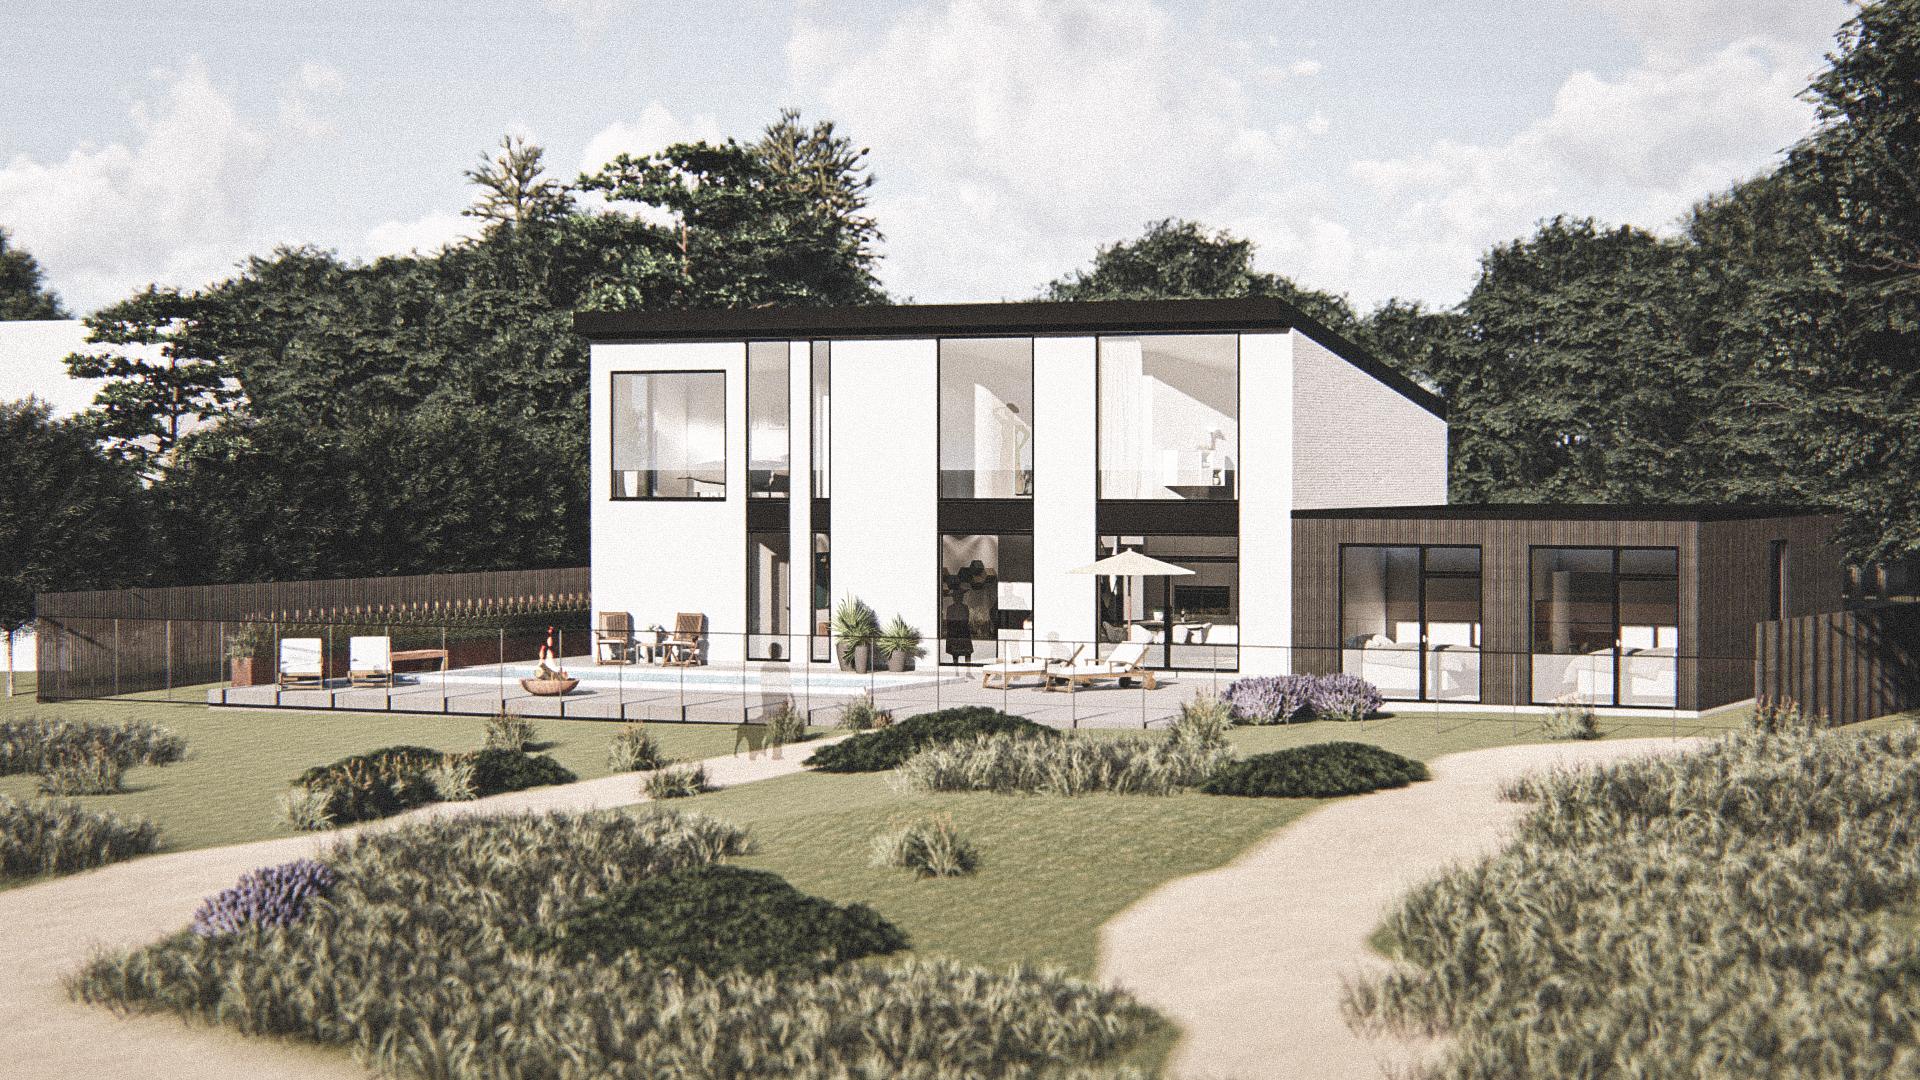 Billede af Dansk arkitekttegnet 2 plan villa af arkitektfirmaet m2plus, i Dronningmølle på 218 kvartratmeter.